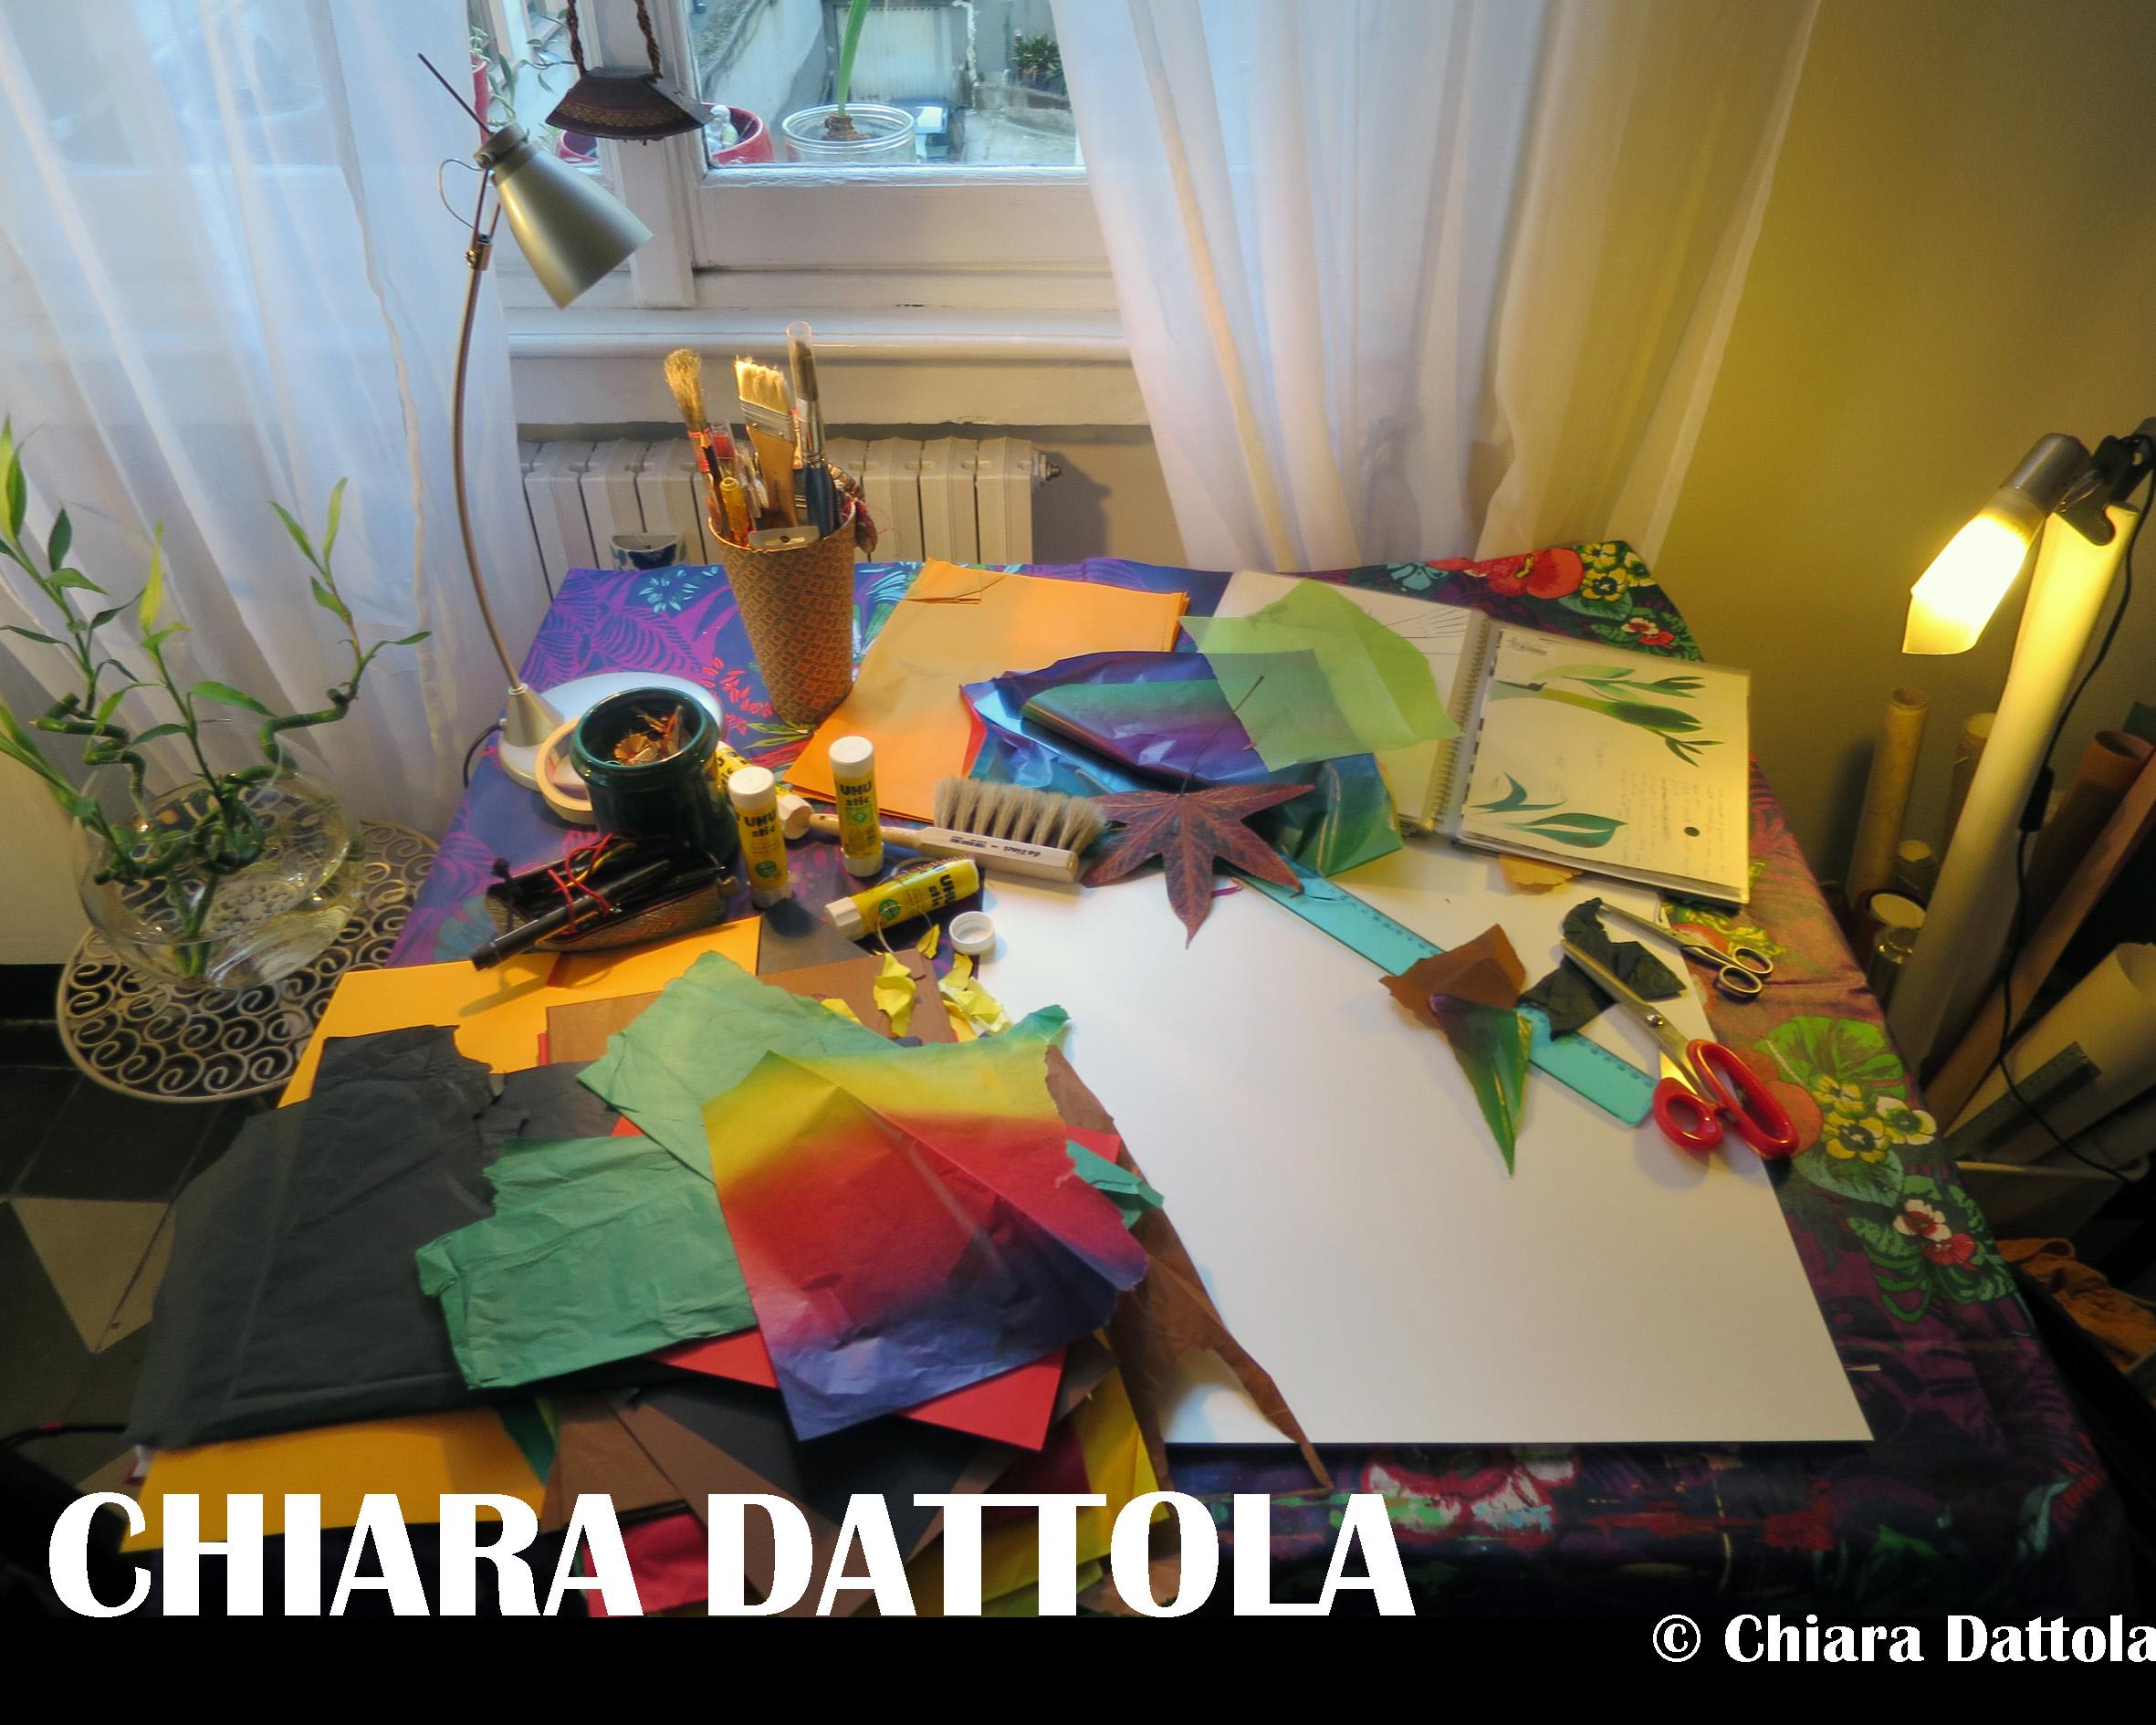 Chiara Dattola